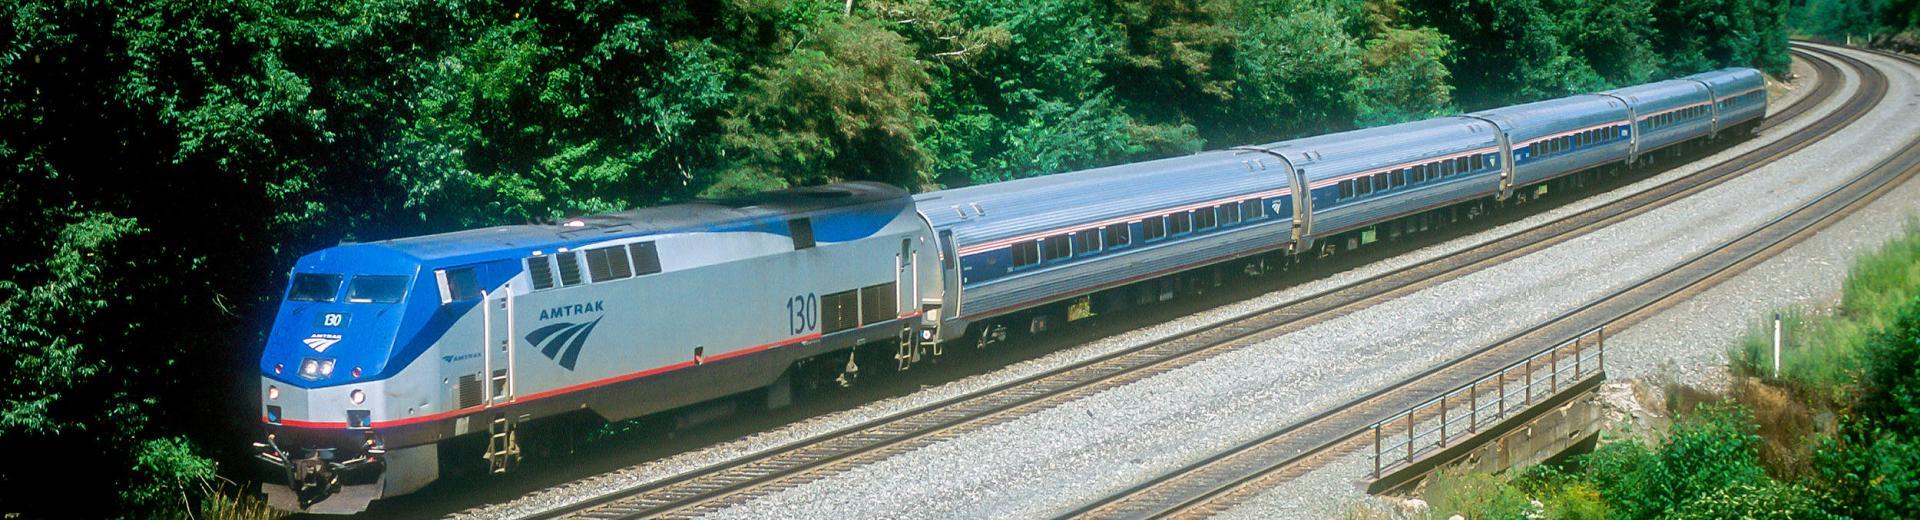 Amtrak Keystone Services